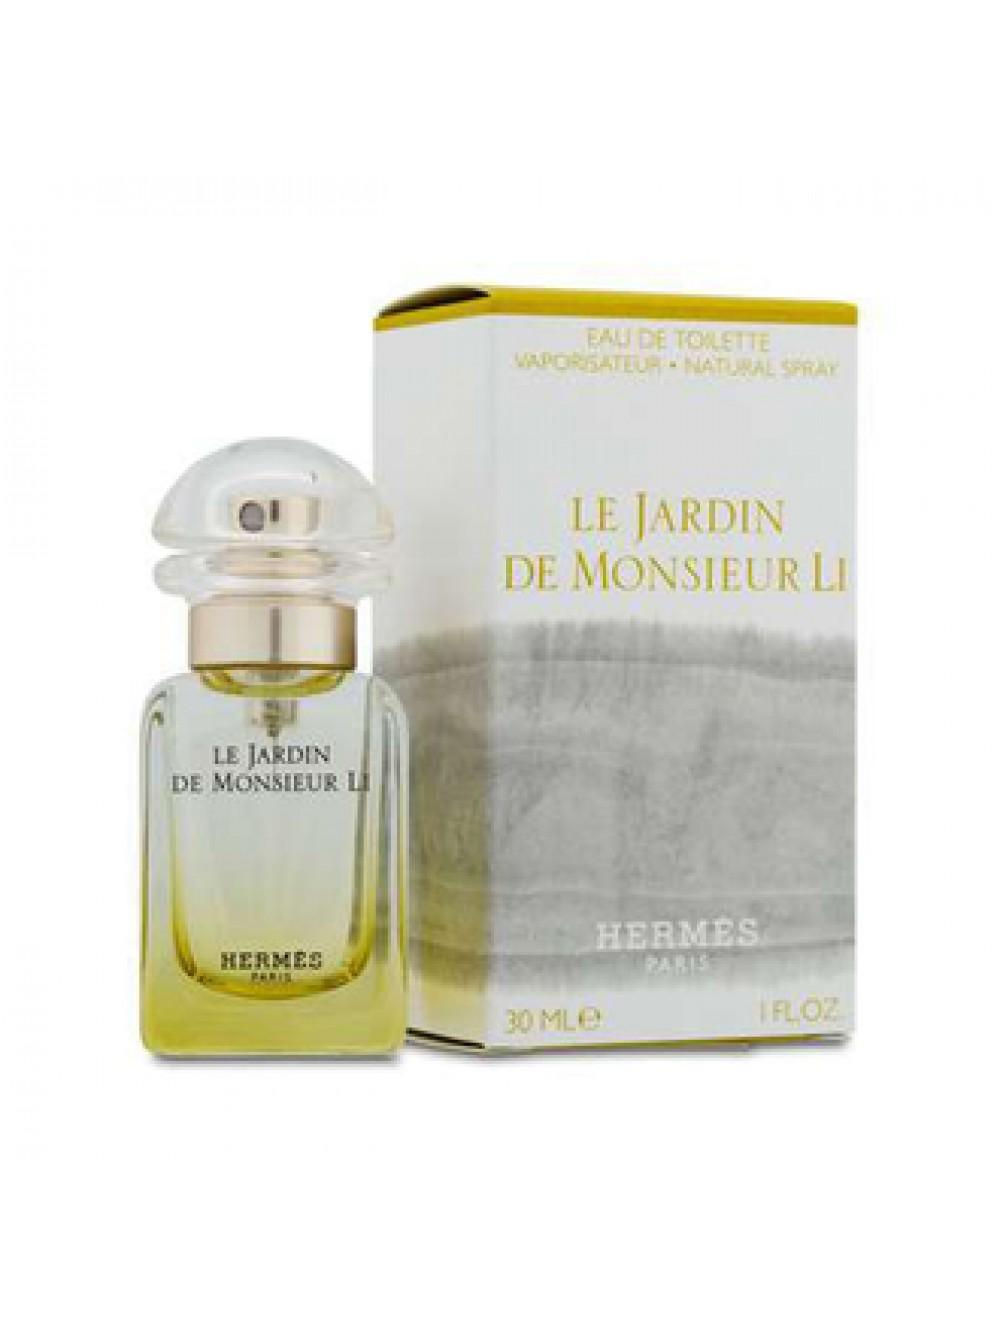 купить Hermes Le Jardin De Monsieur Li туалетная вода 30 мл в